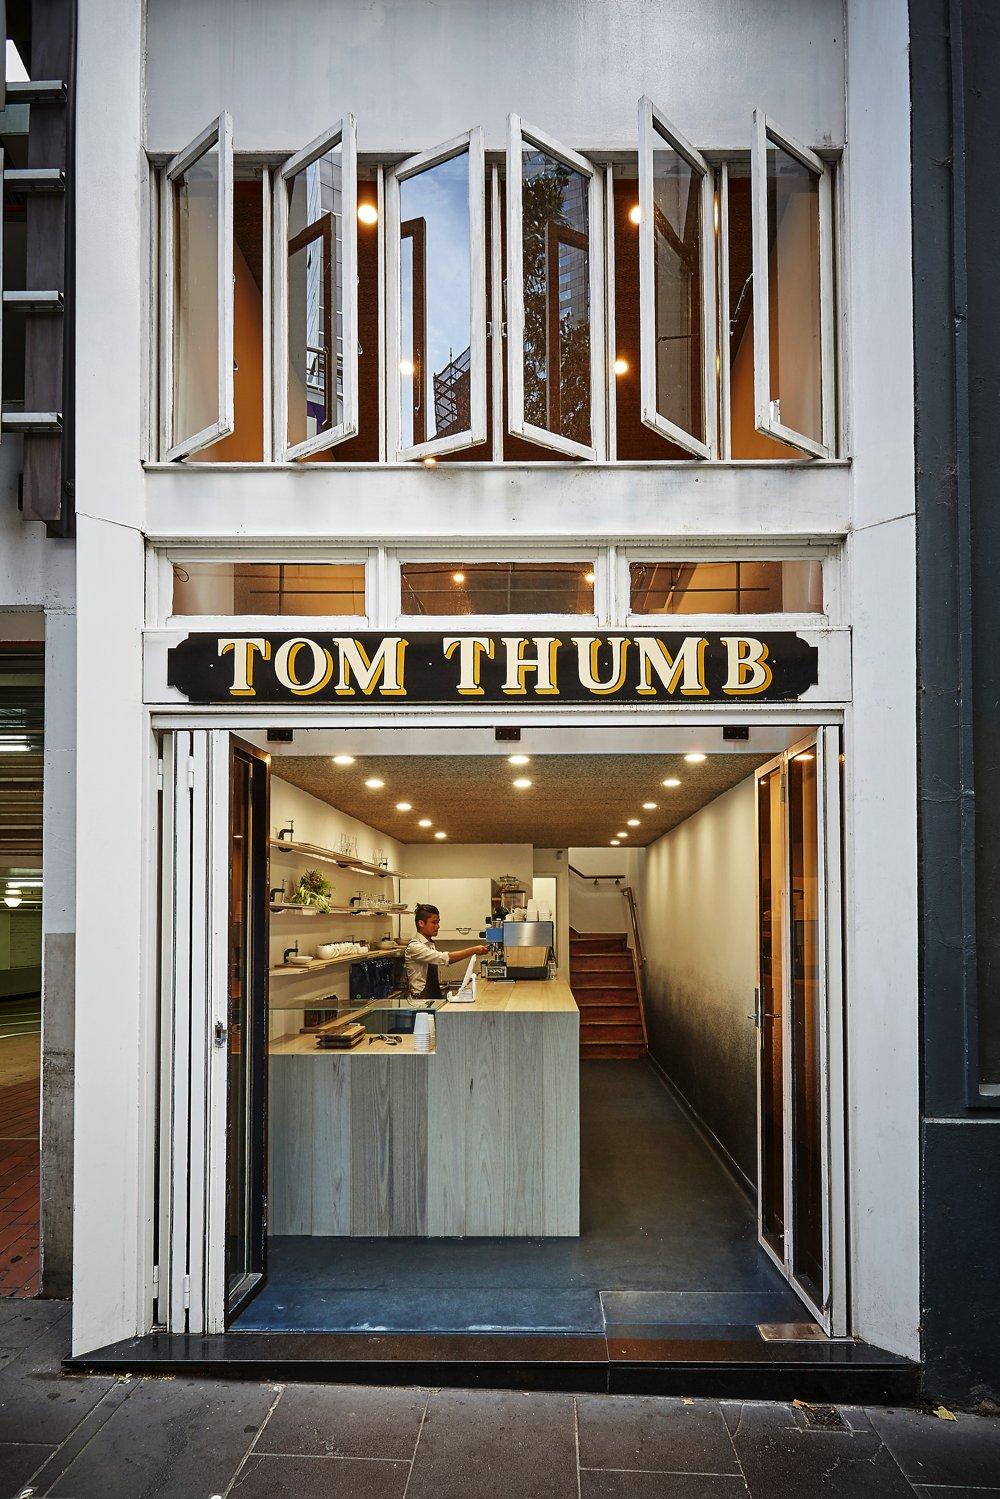 TomThumb_001.jpg